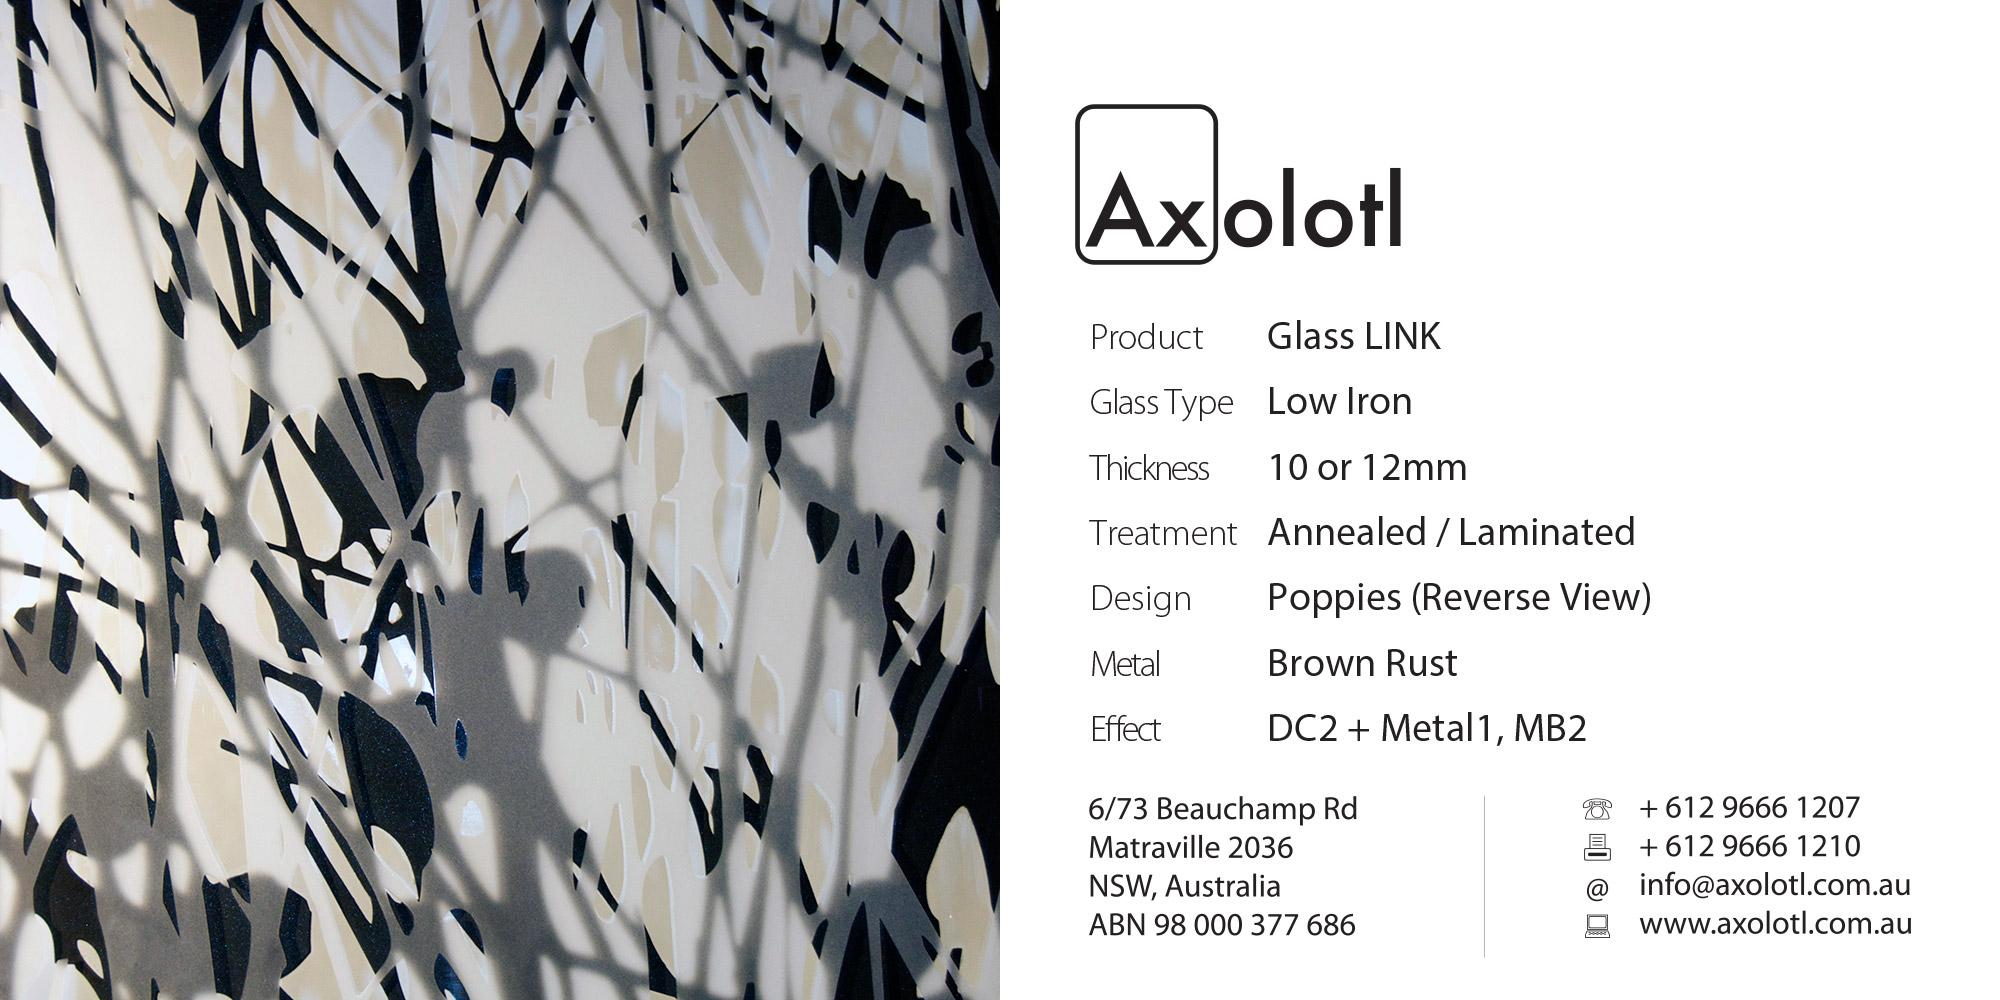 Axolotl_GlassLINK_PoppiesREV_BrownRust.jpg